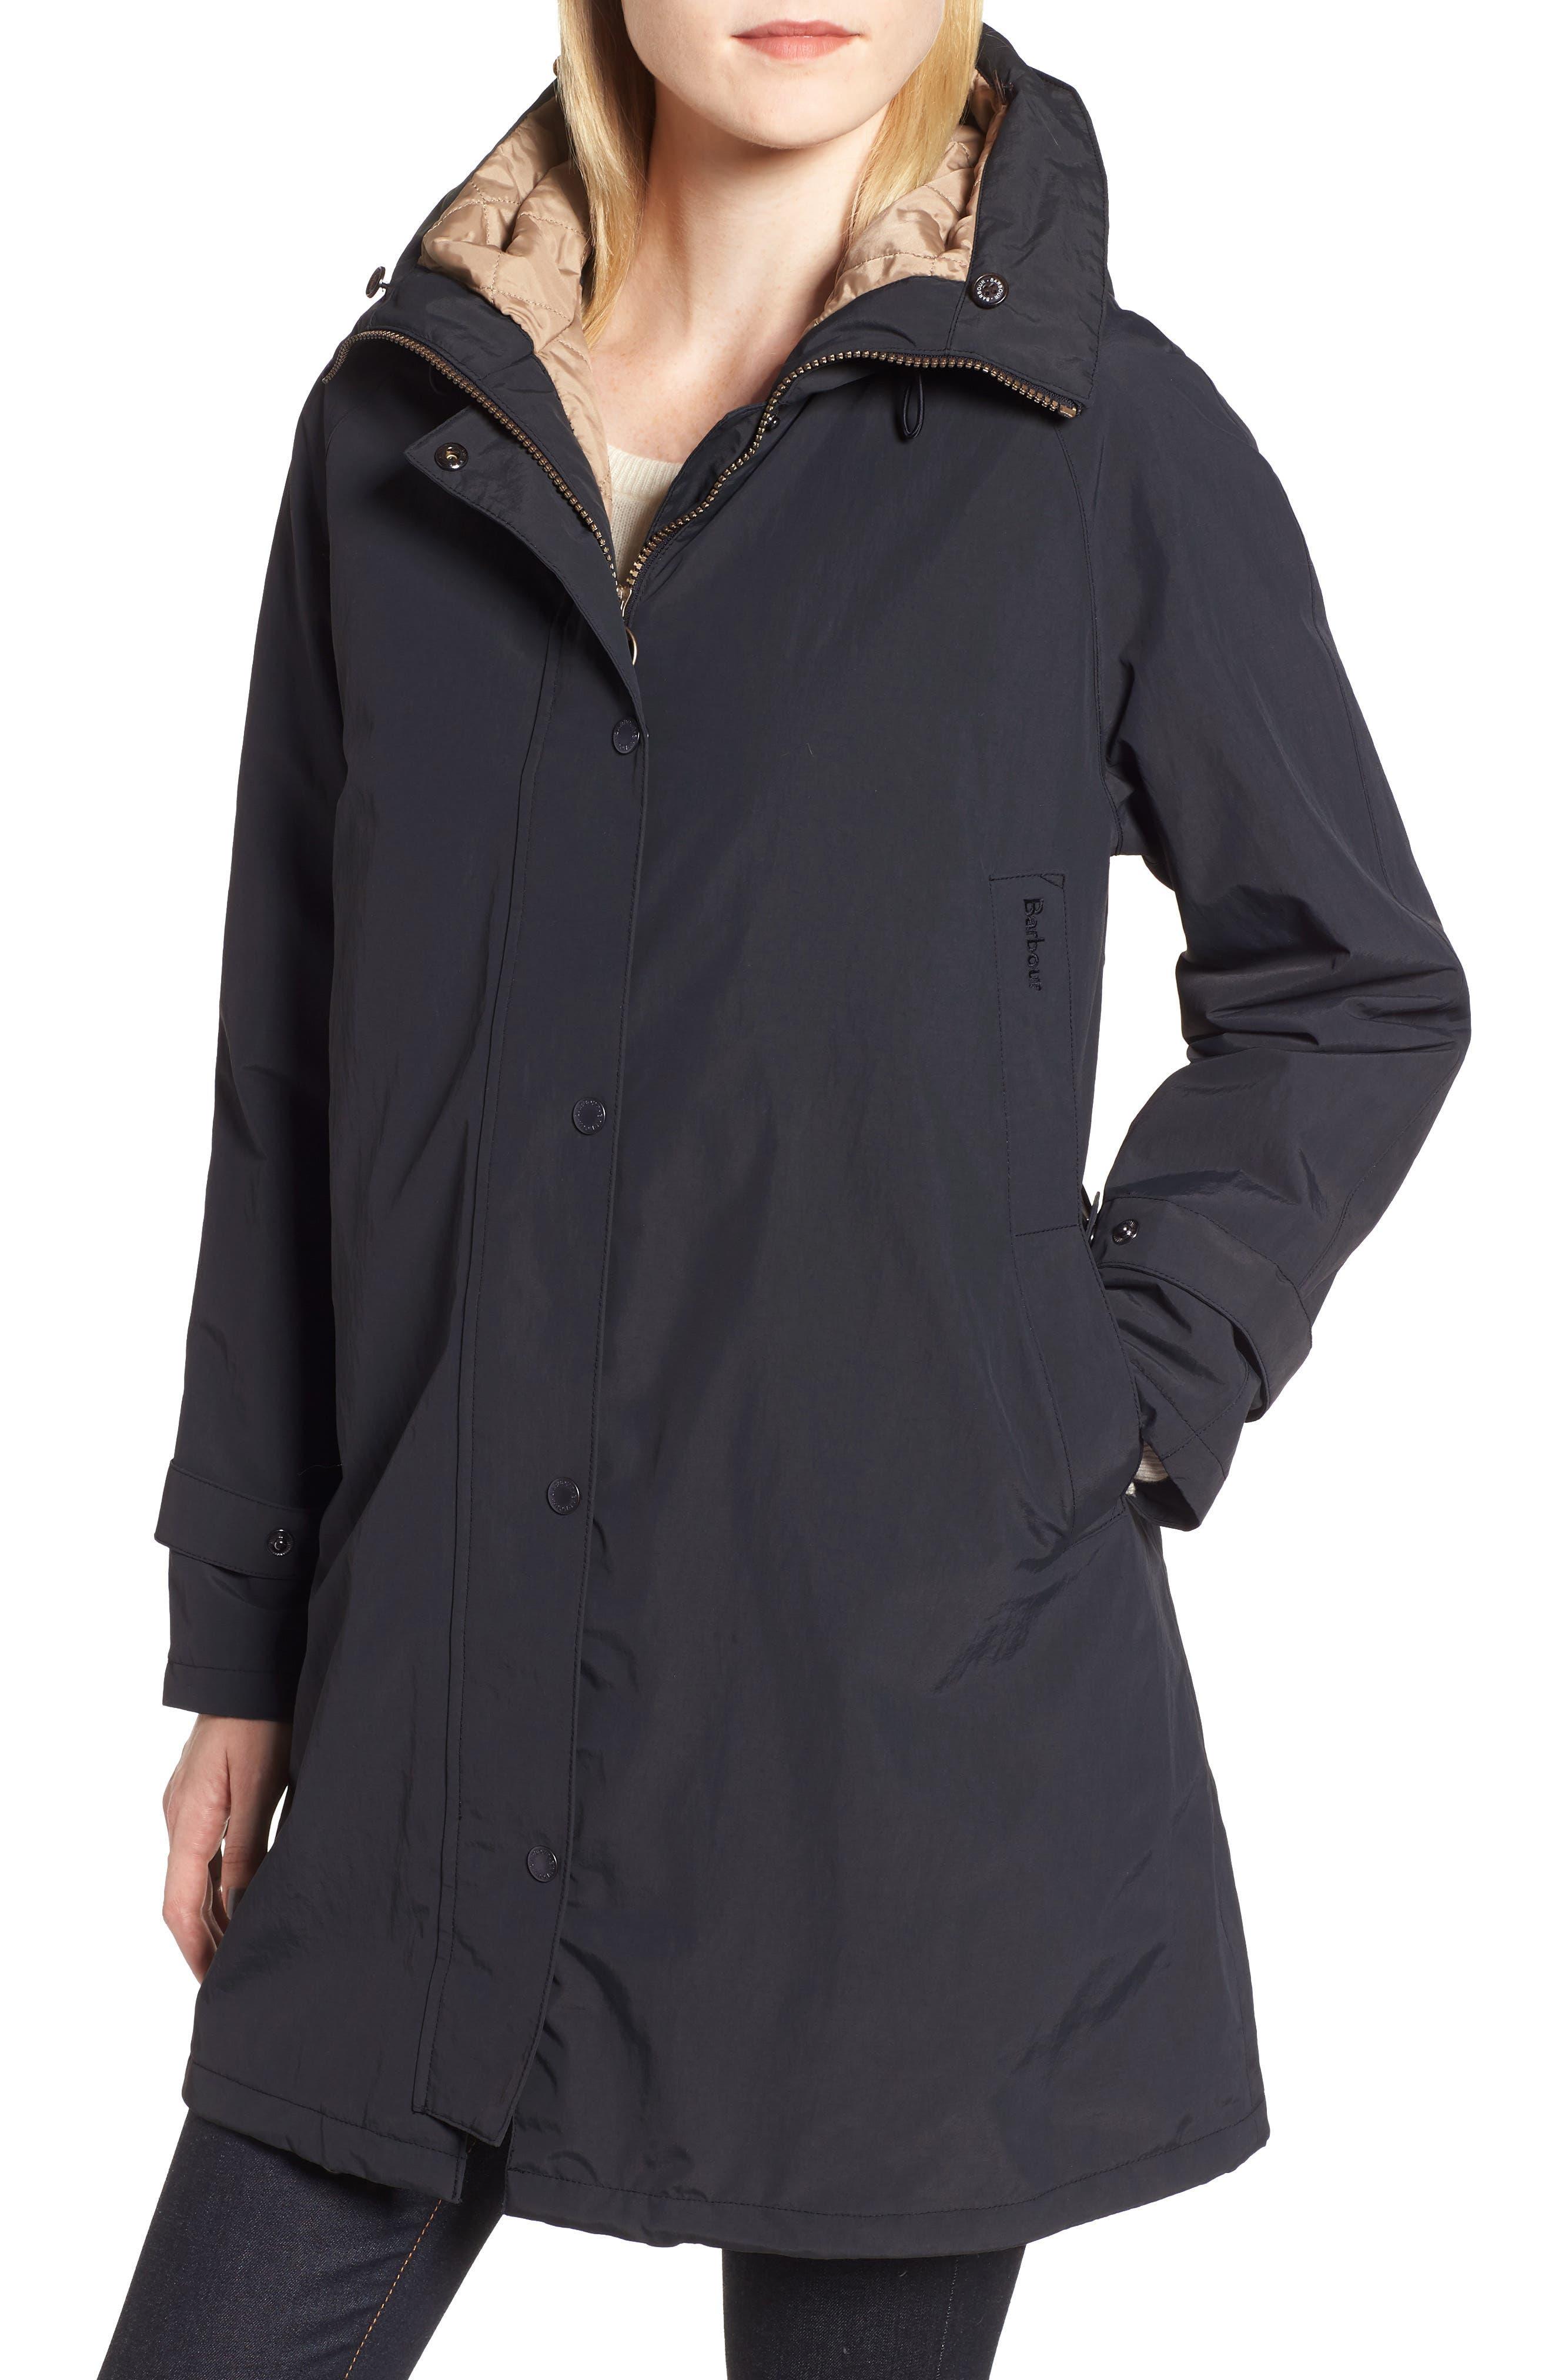 Dexy Jacket with Faux Fur Trim,                             Alternate thumbnail 4, color,                             BLACK